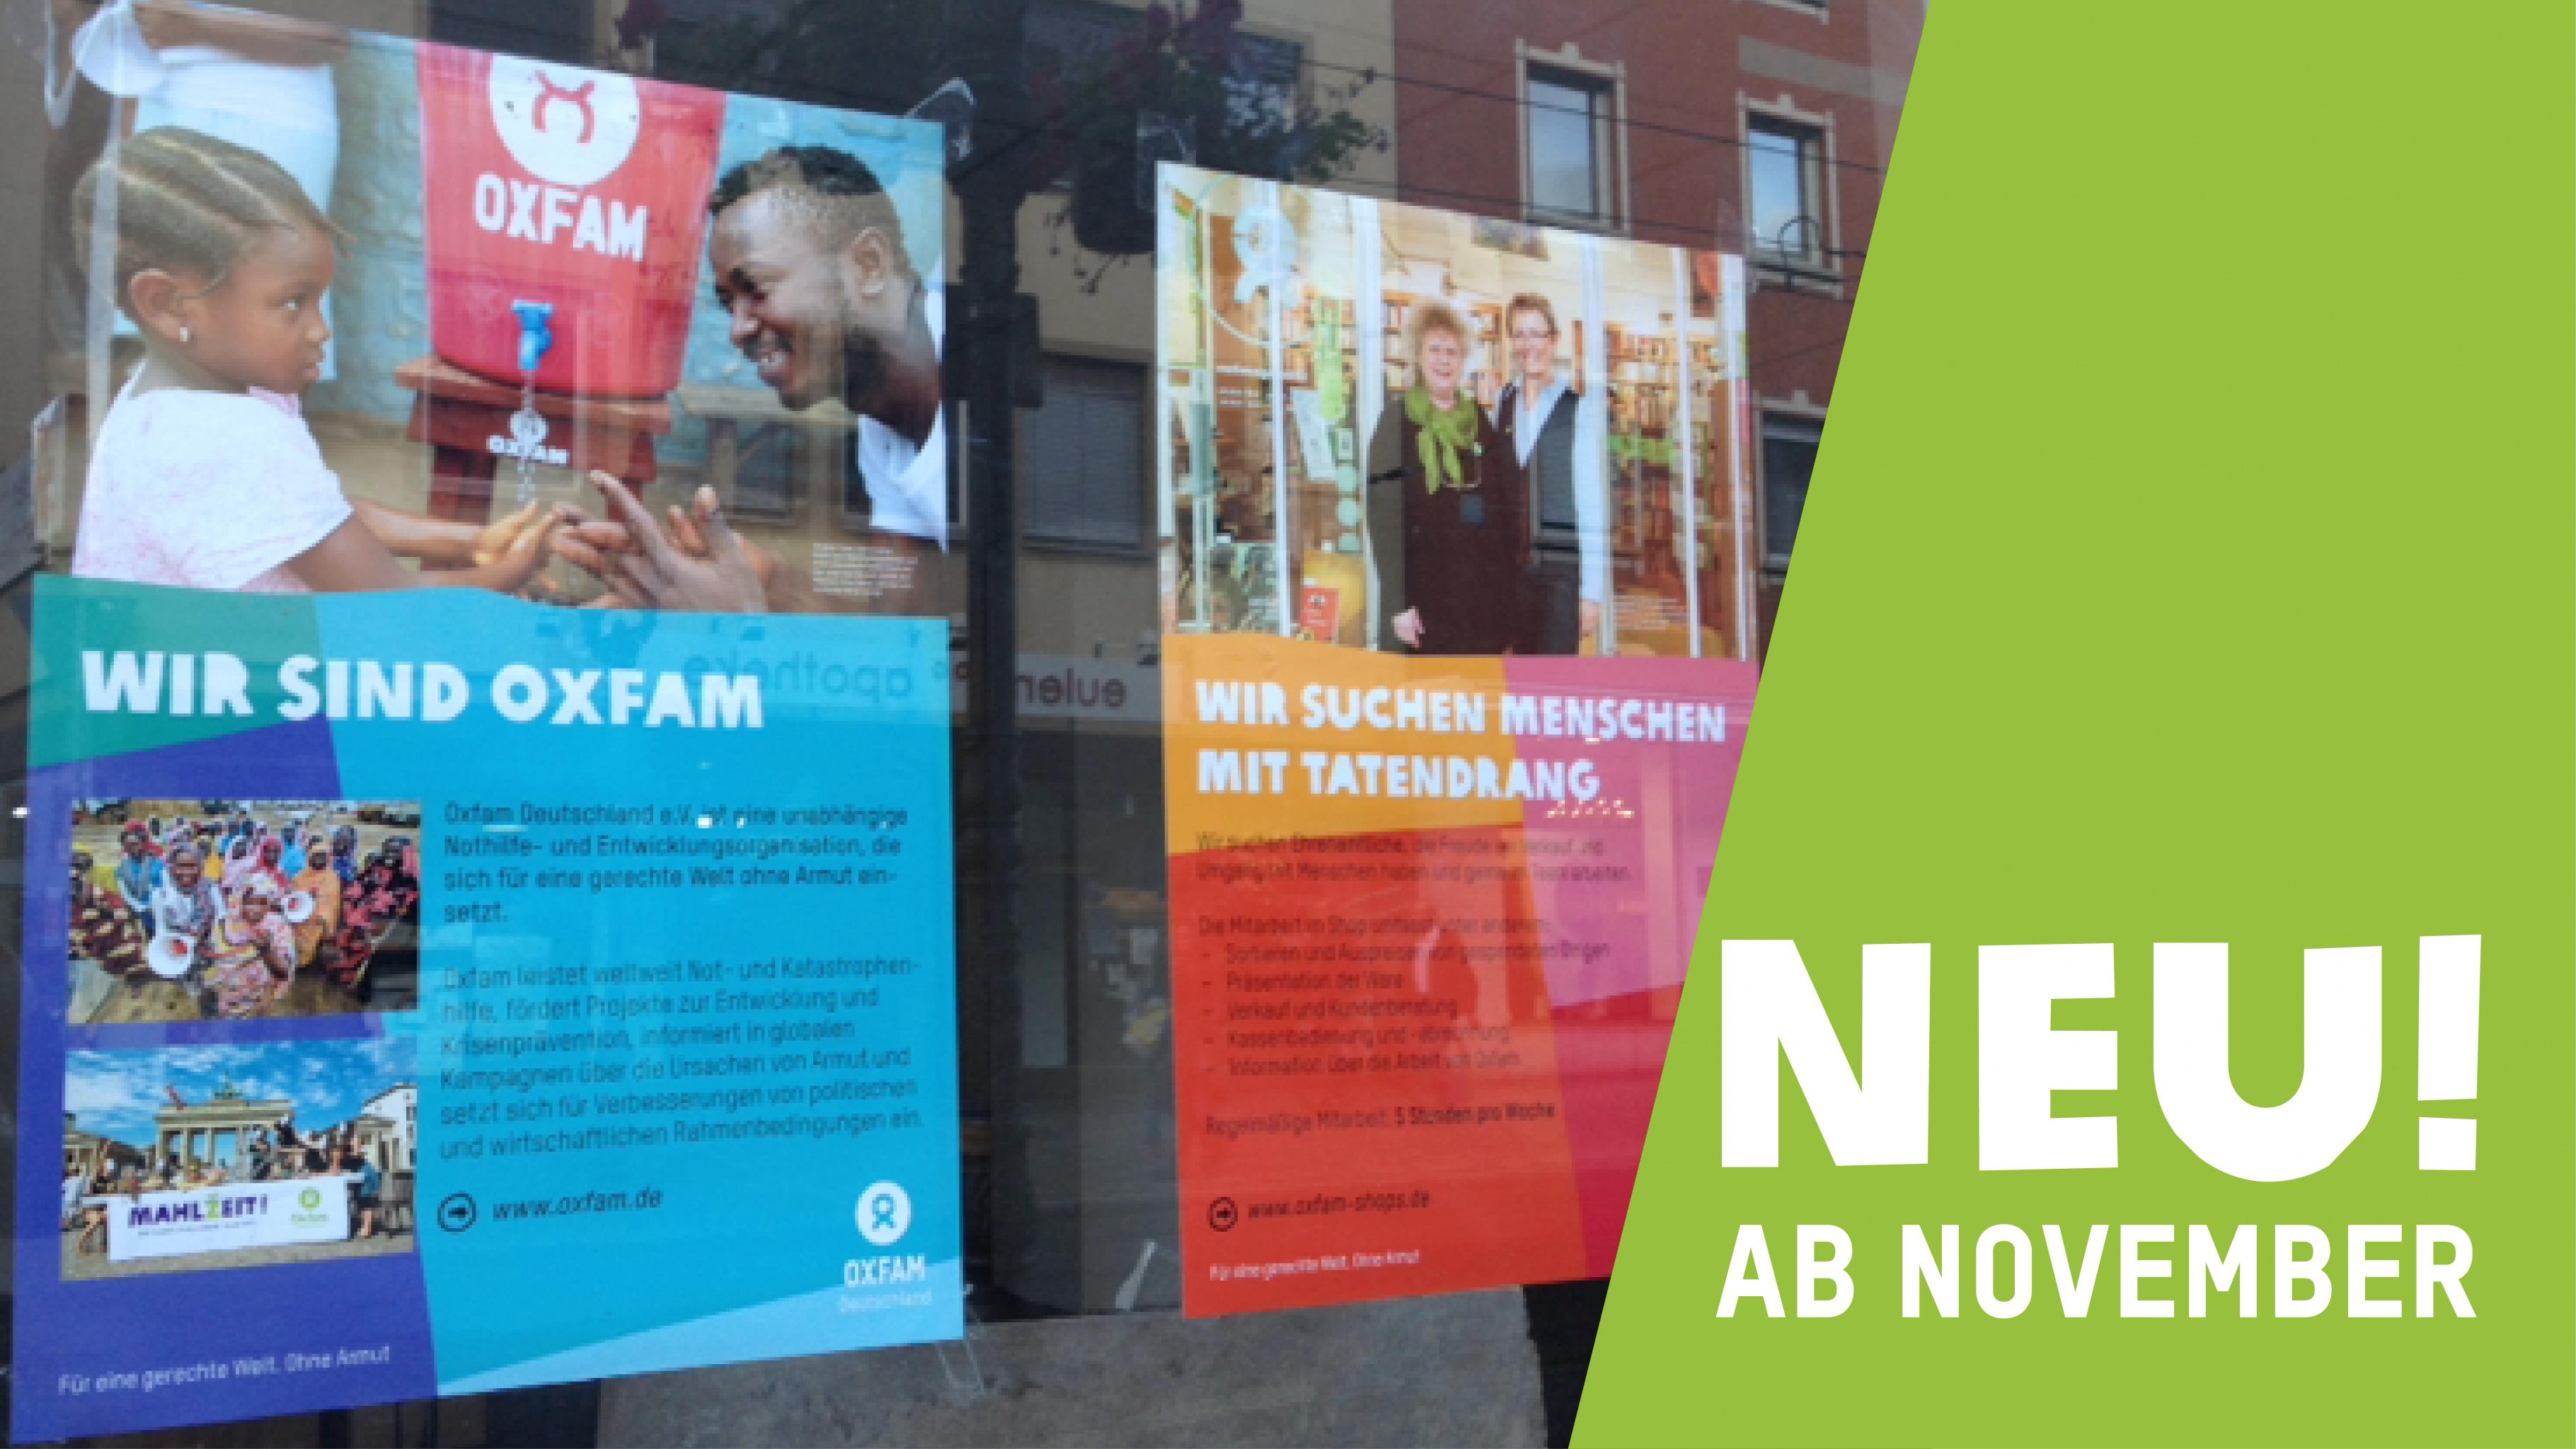 Oxfam Shop Würzburg - Schaufenster vor der Eröffnung